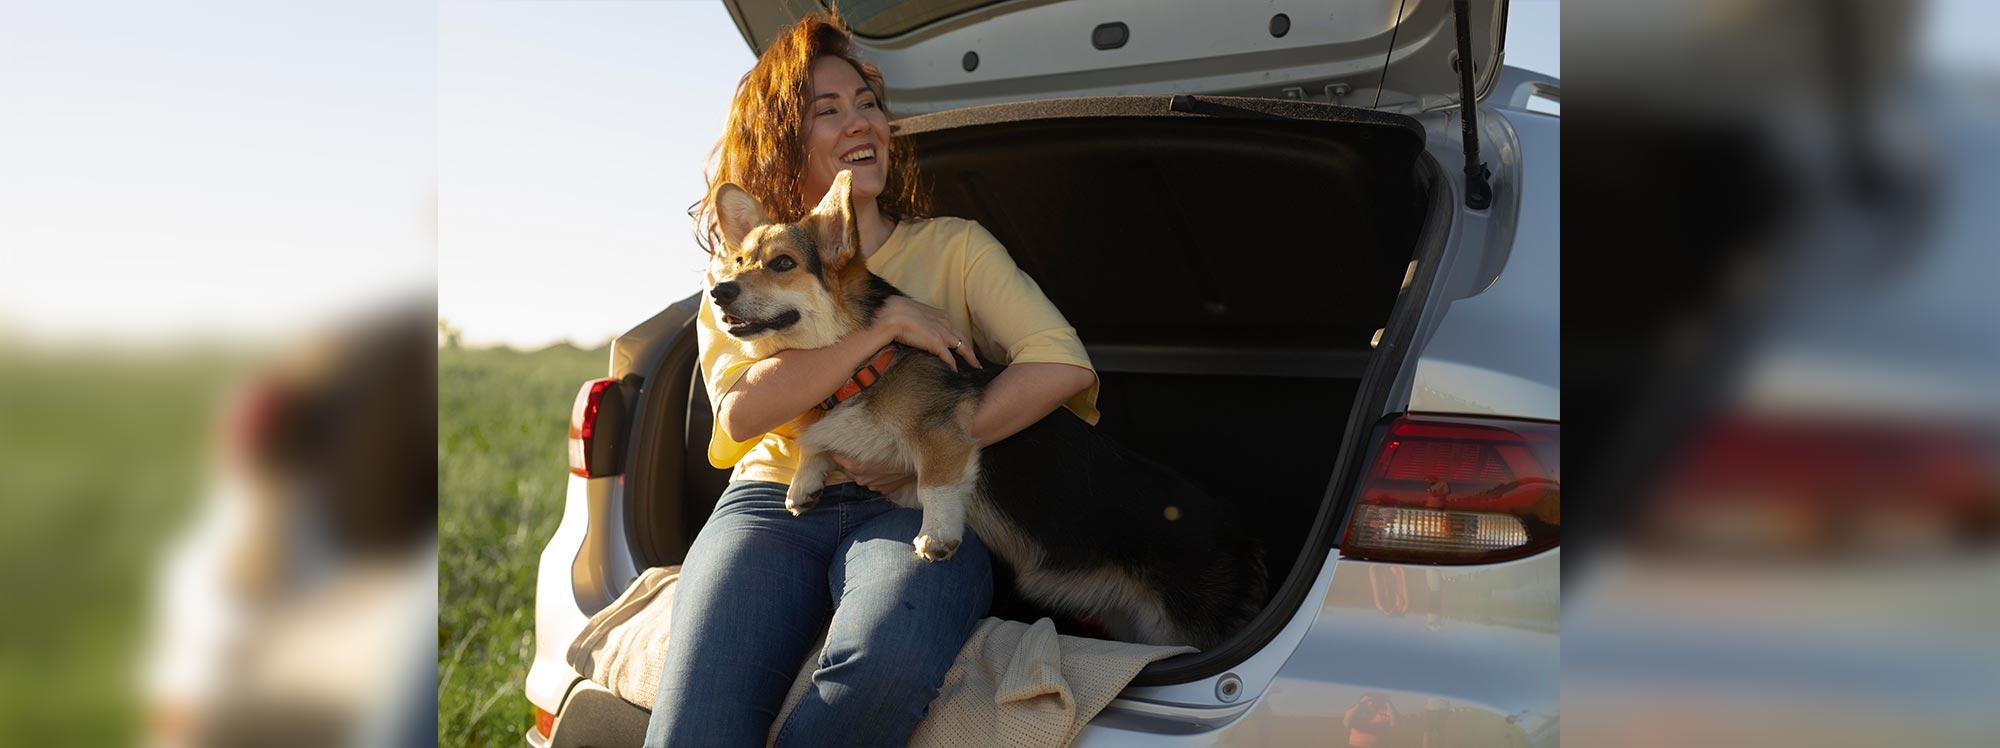 De paseo en auto con la mascota